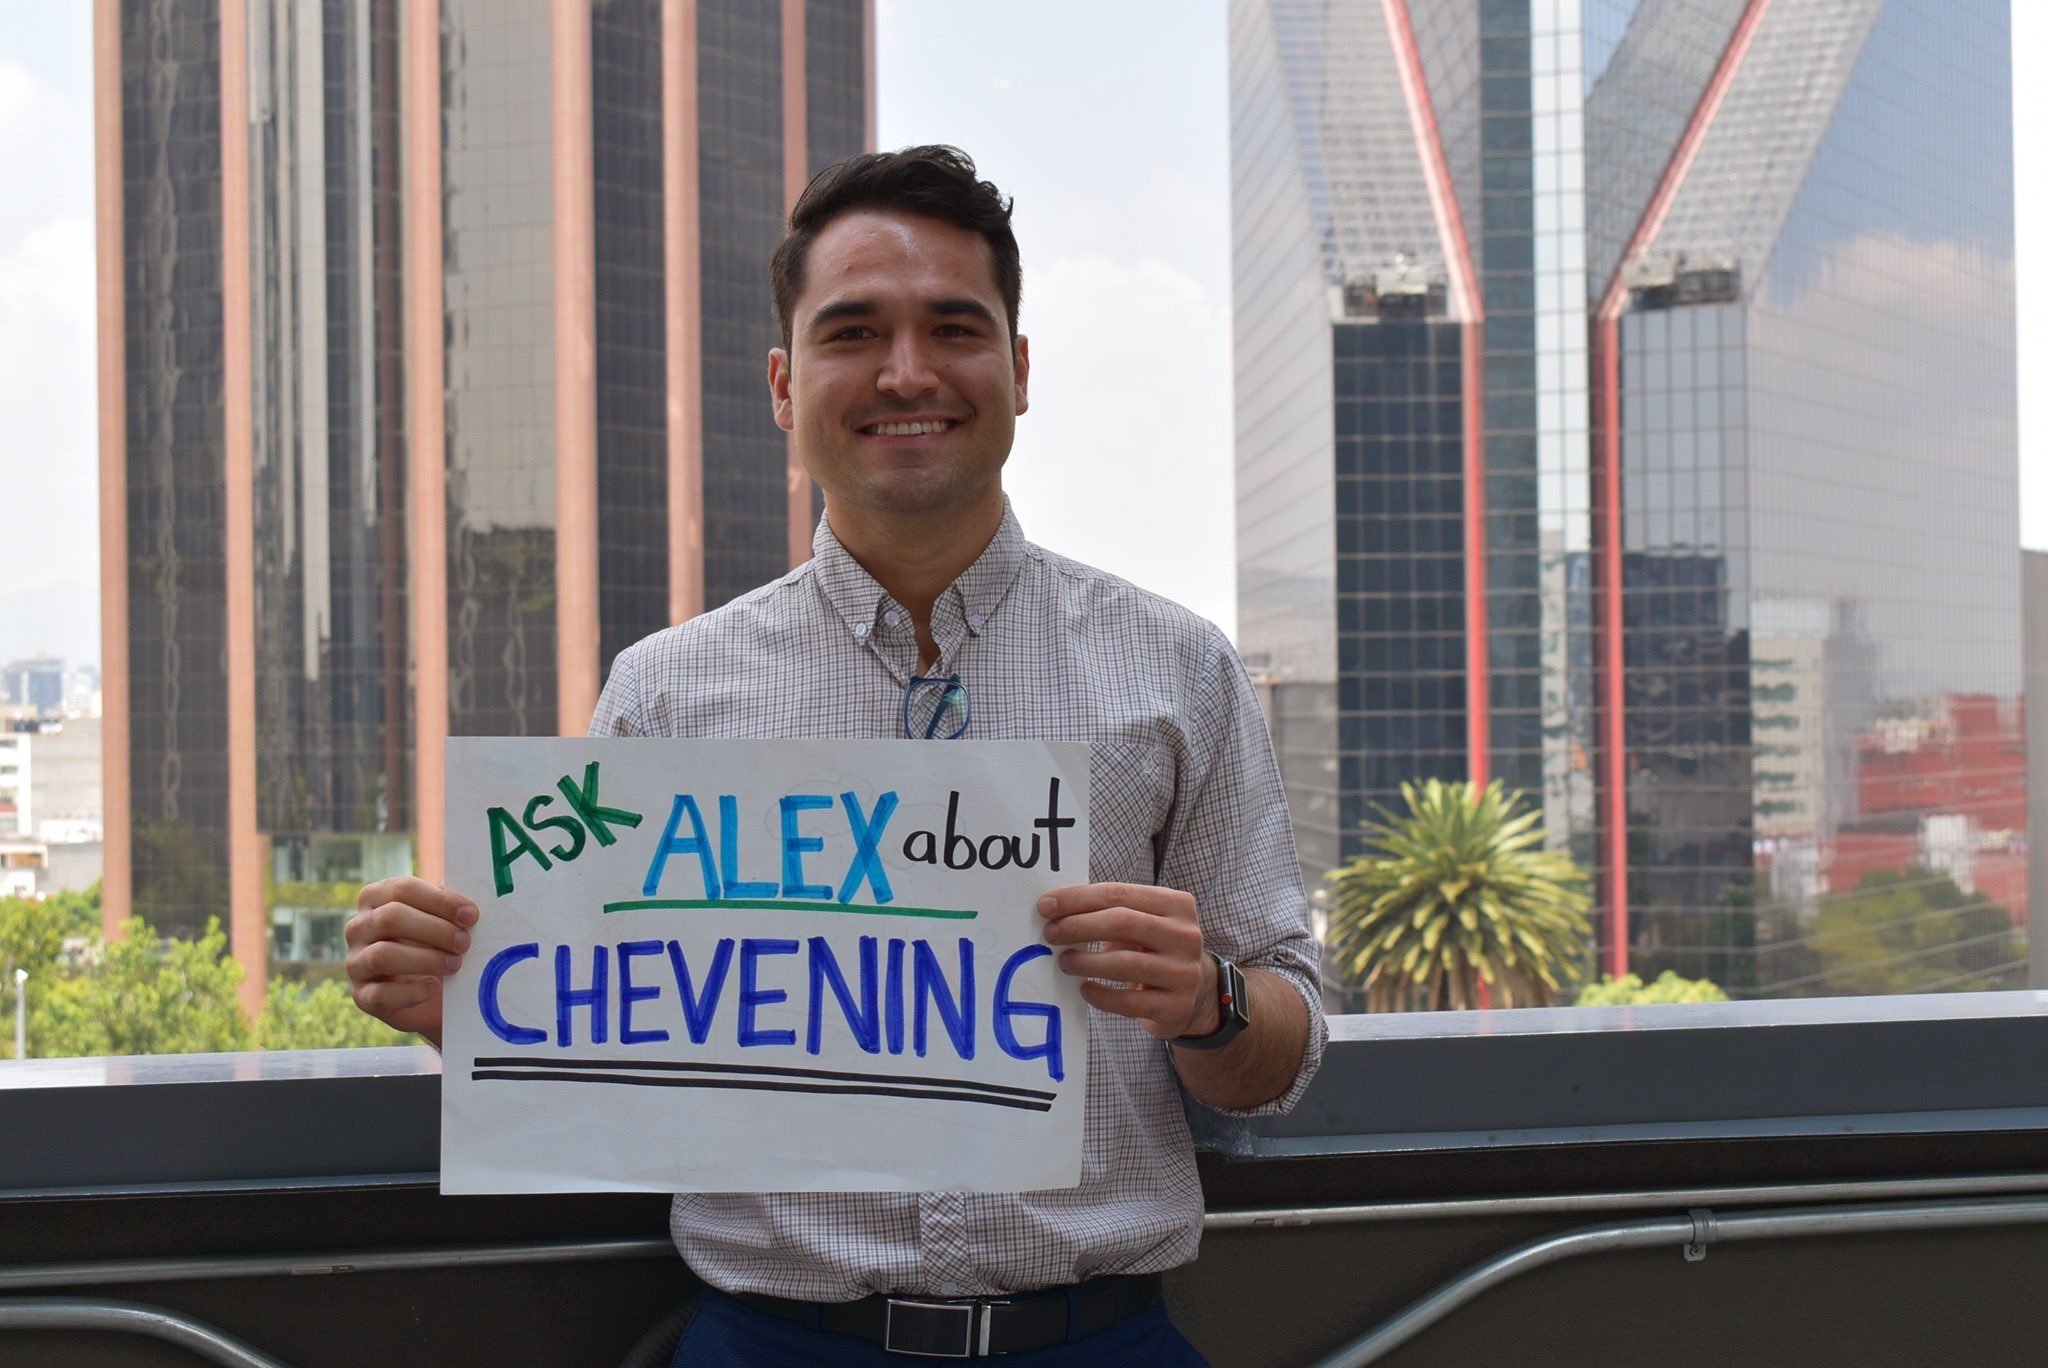 Chevening Mexico's Facebook Live